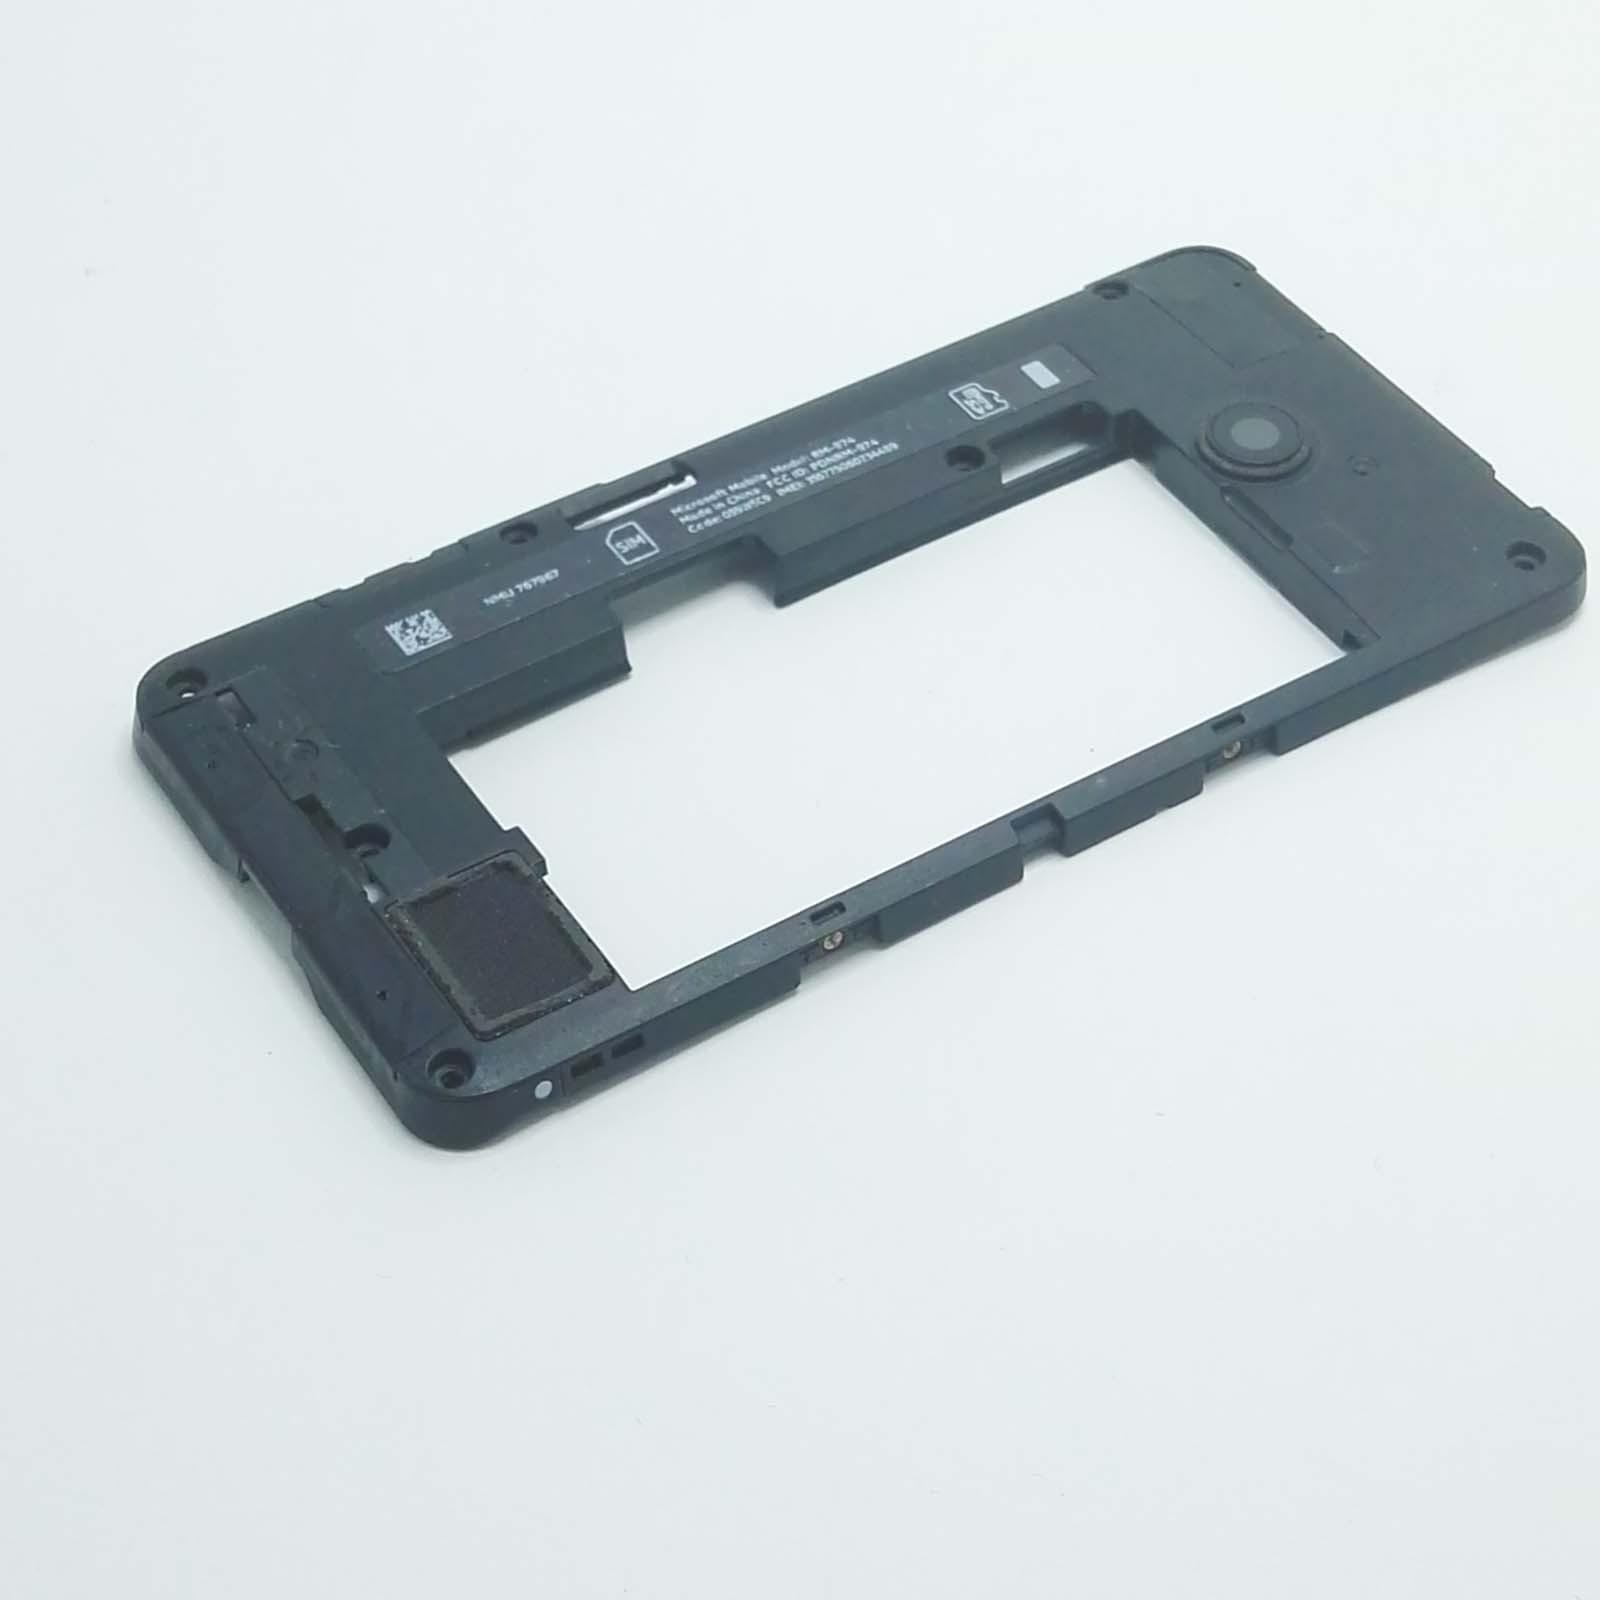 Scocca posteriore vetrino fotocamera Nokia Lumia 635 RM-974 vano batteria